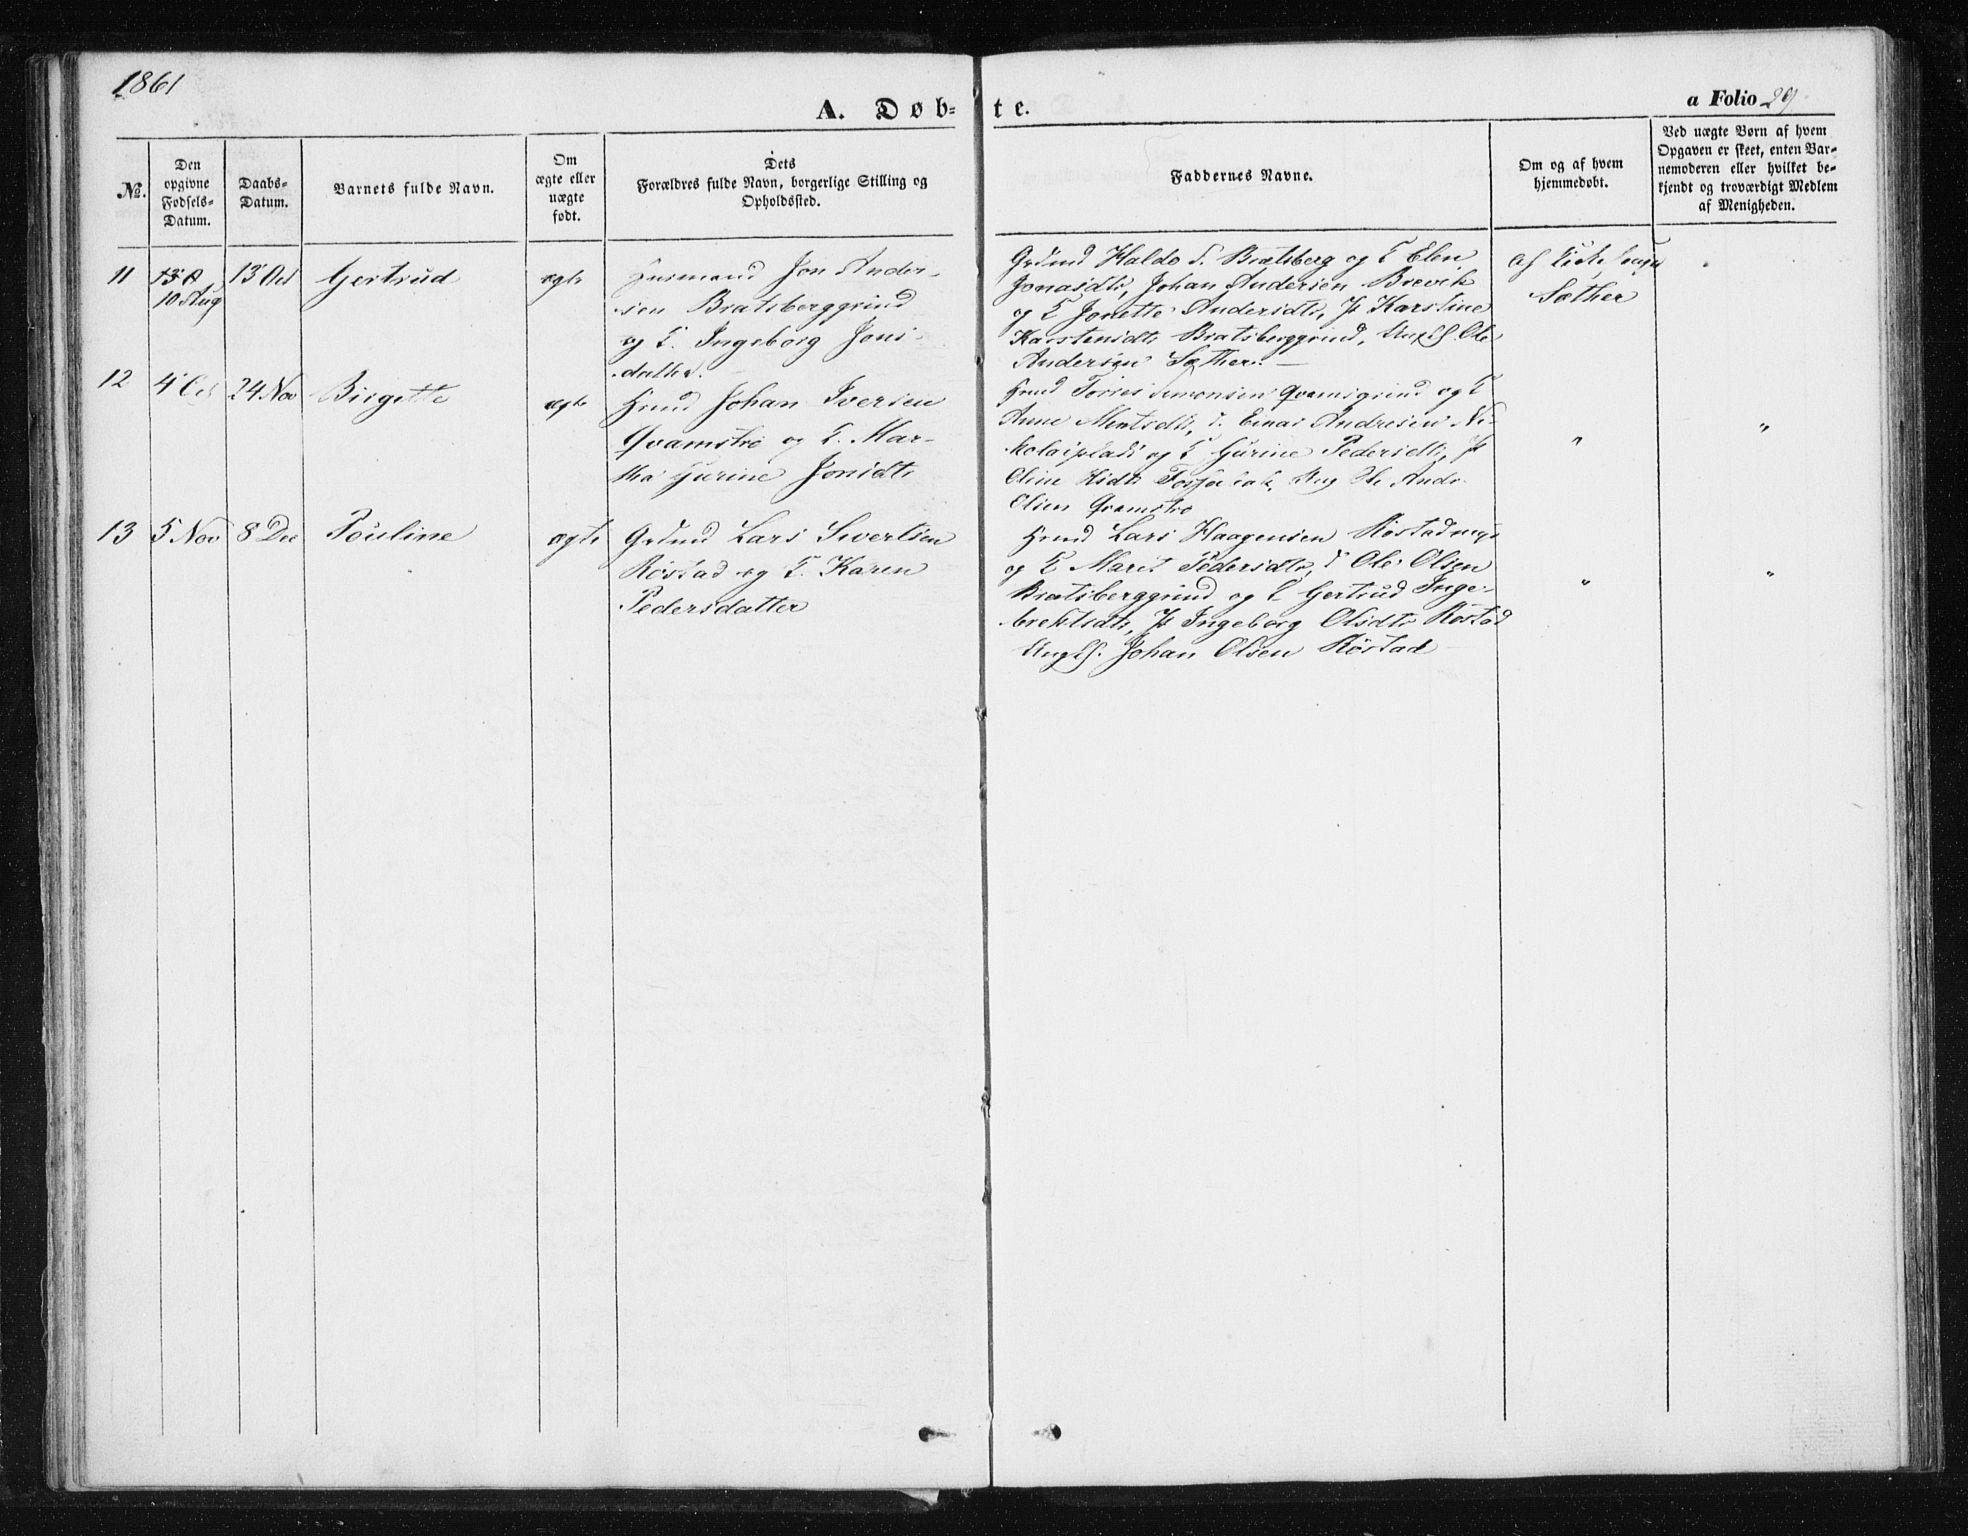 SAT, Ministerialprotokoller, klokkerbøker og fødselsregistre - Sør-Trøndelag, 608/L0332: Ministerialbok nr. 608A01, 1848-1861, s. 29